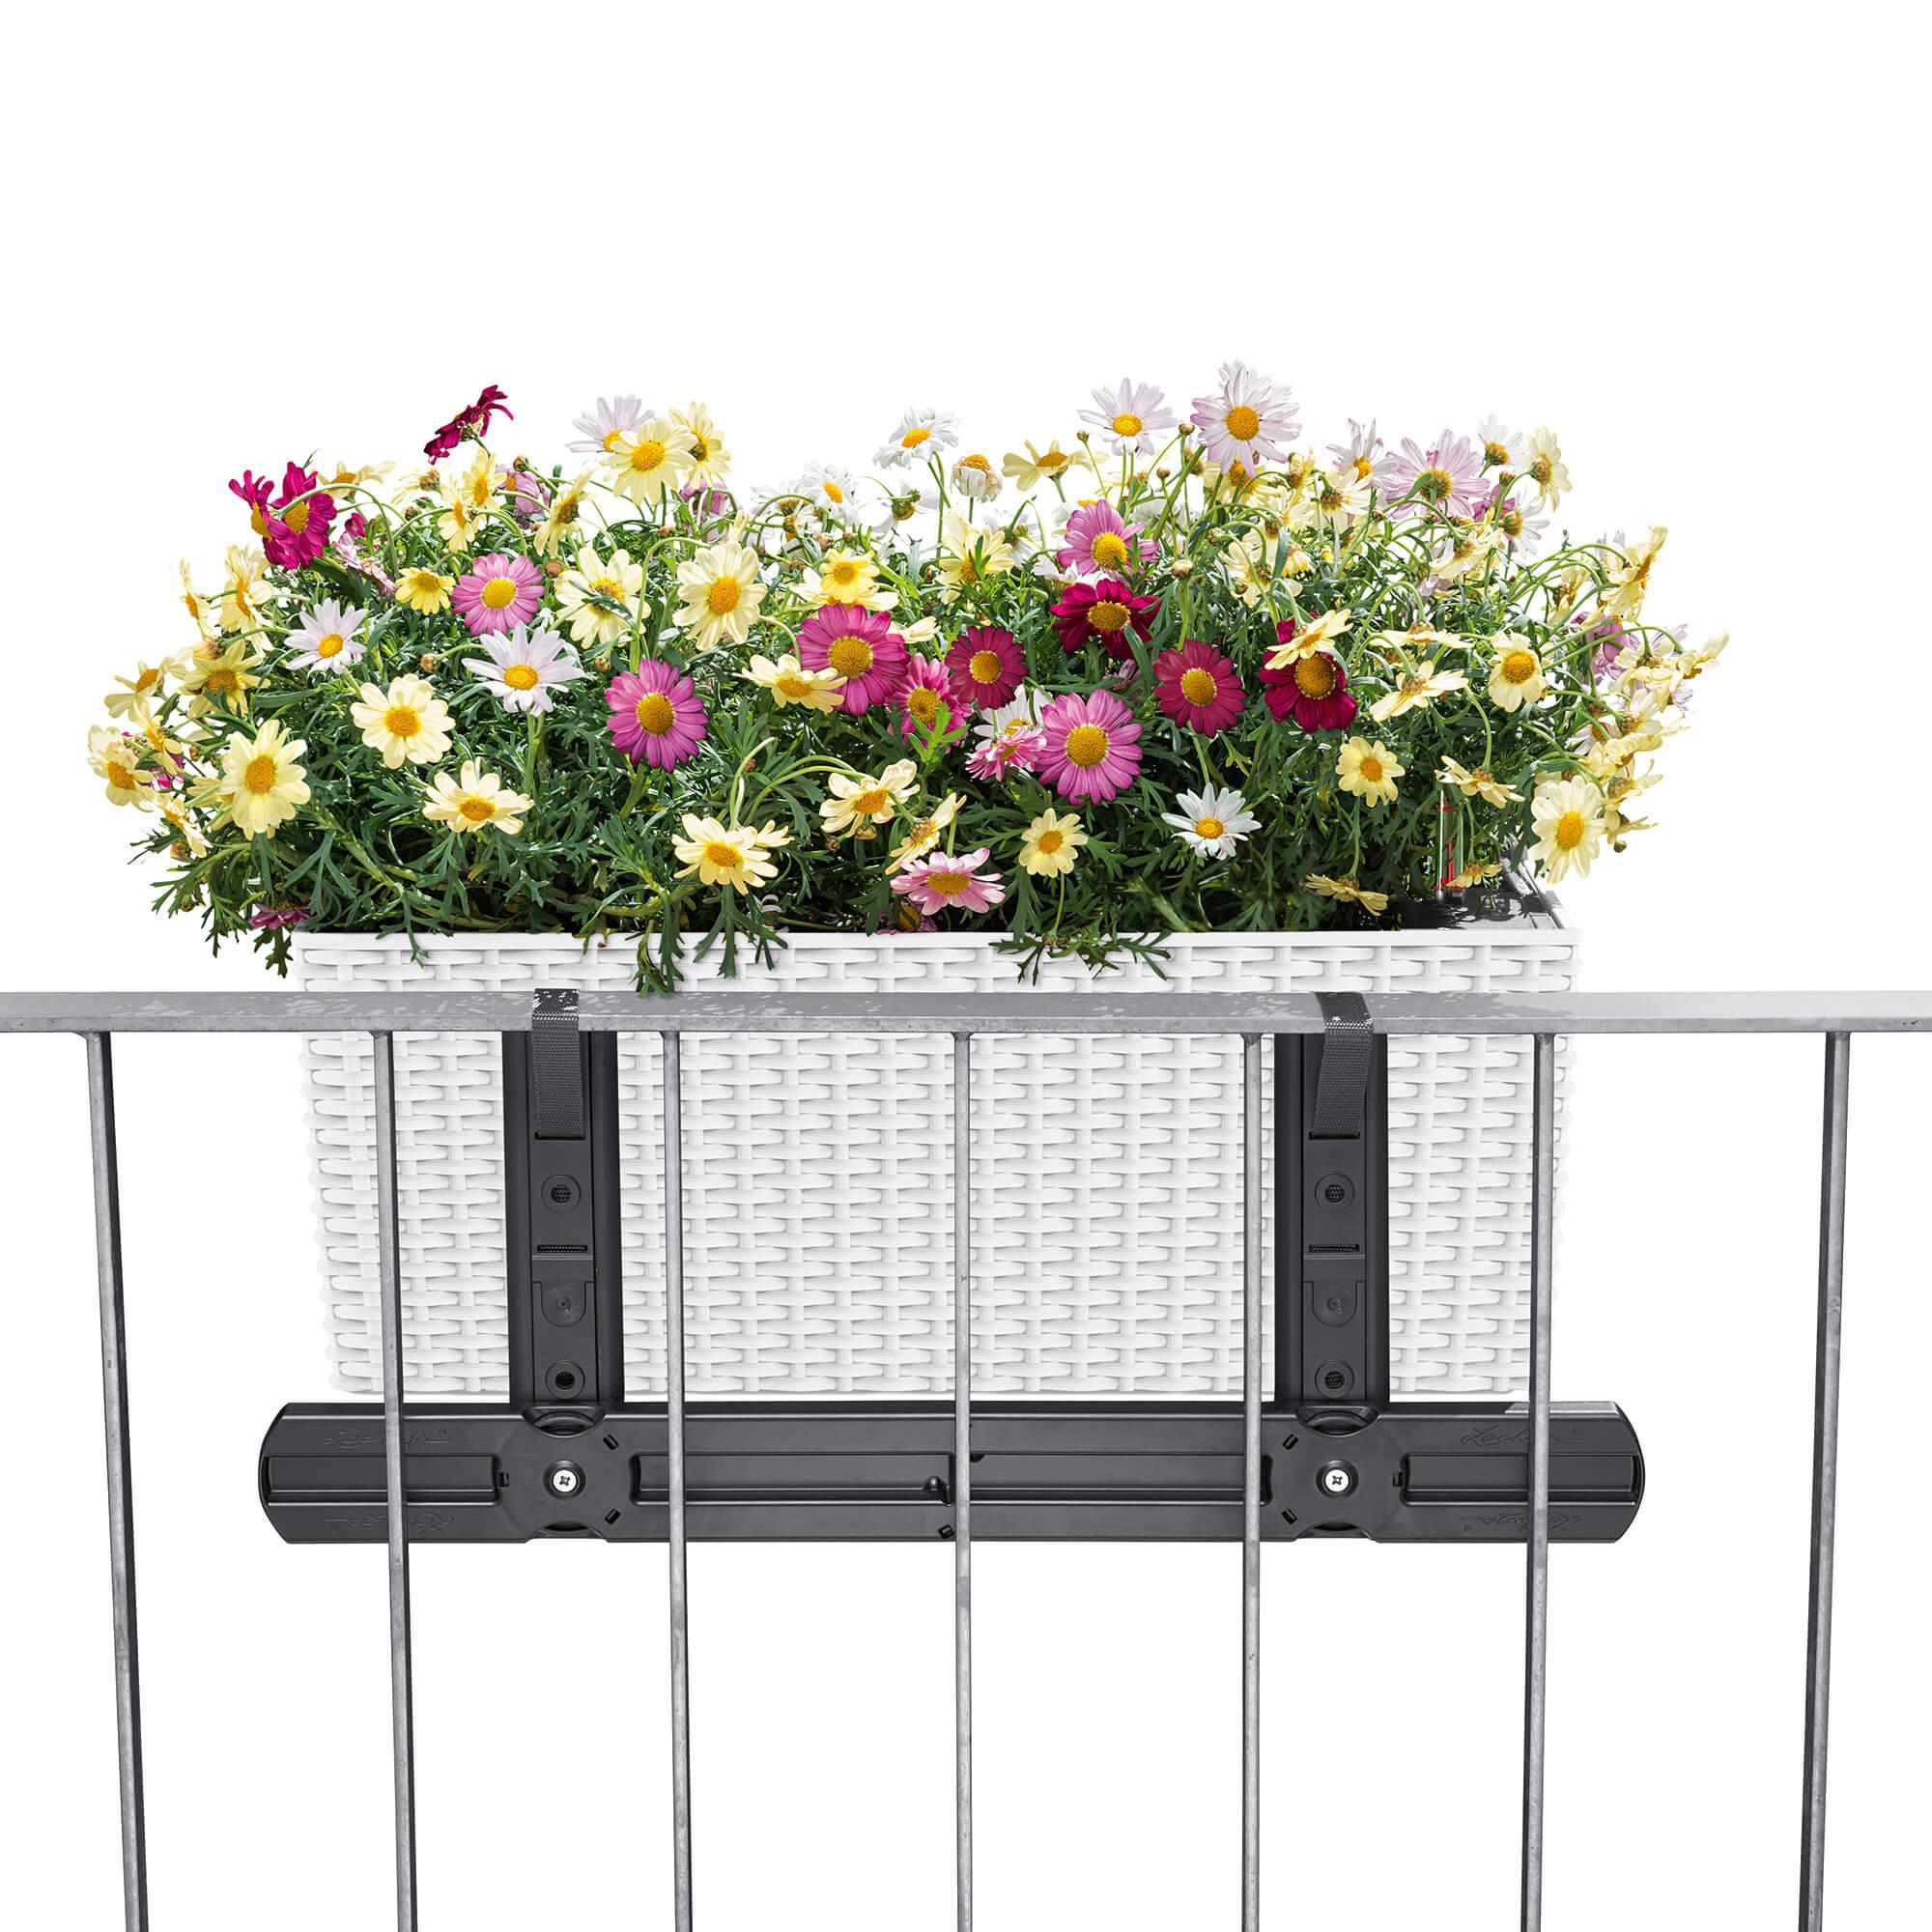 le_balkonkastenhalter-ergaenzung_product_addi_01